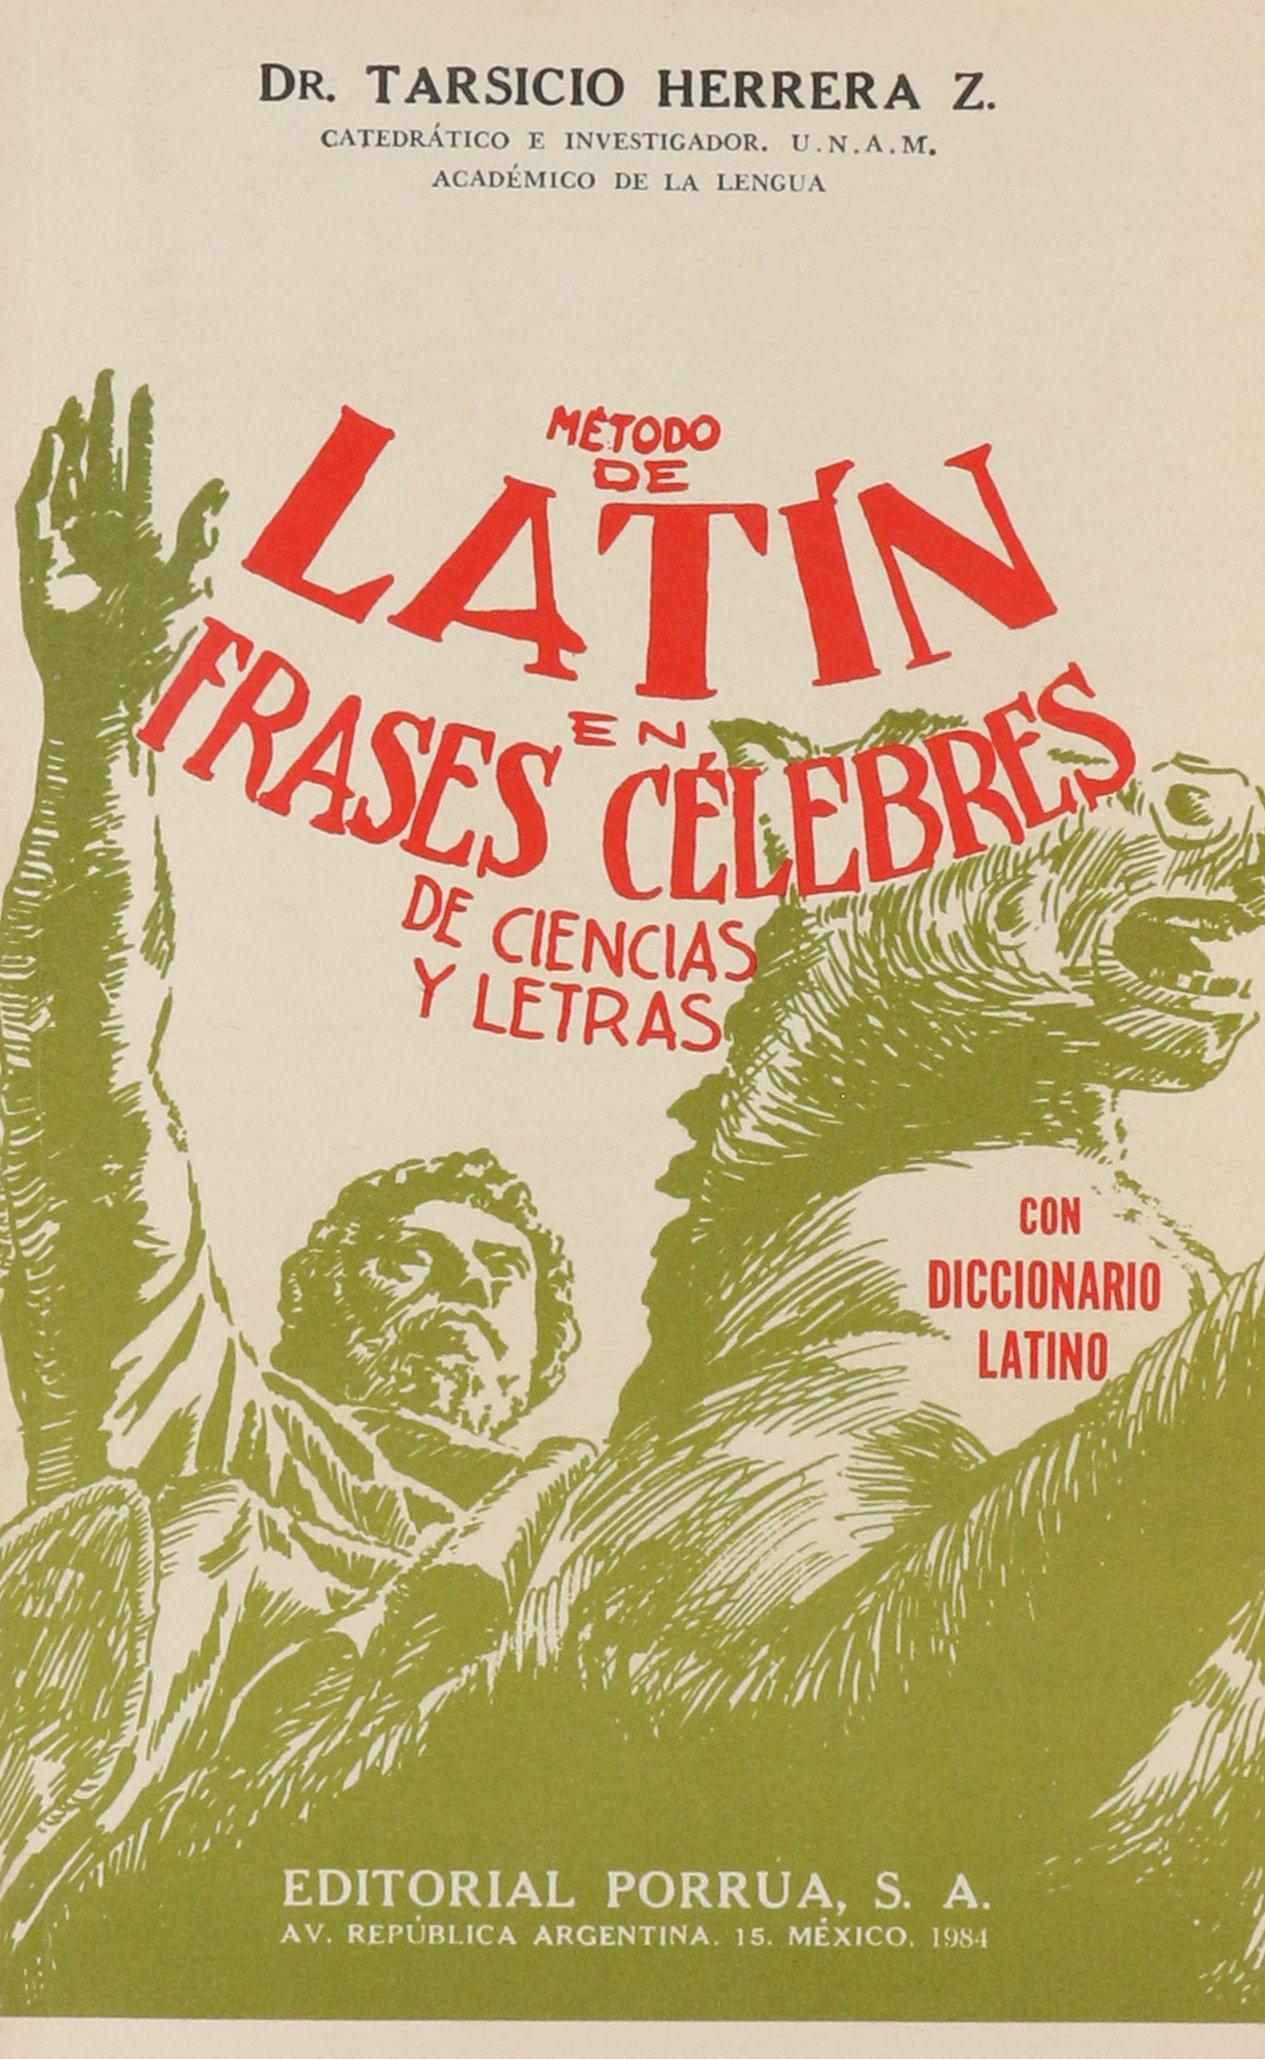 Metodo De Latin En Frases Celebres De Ciencias Y Letras